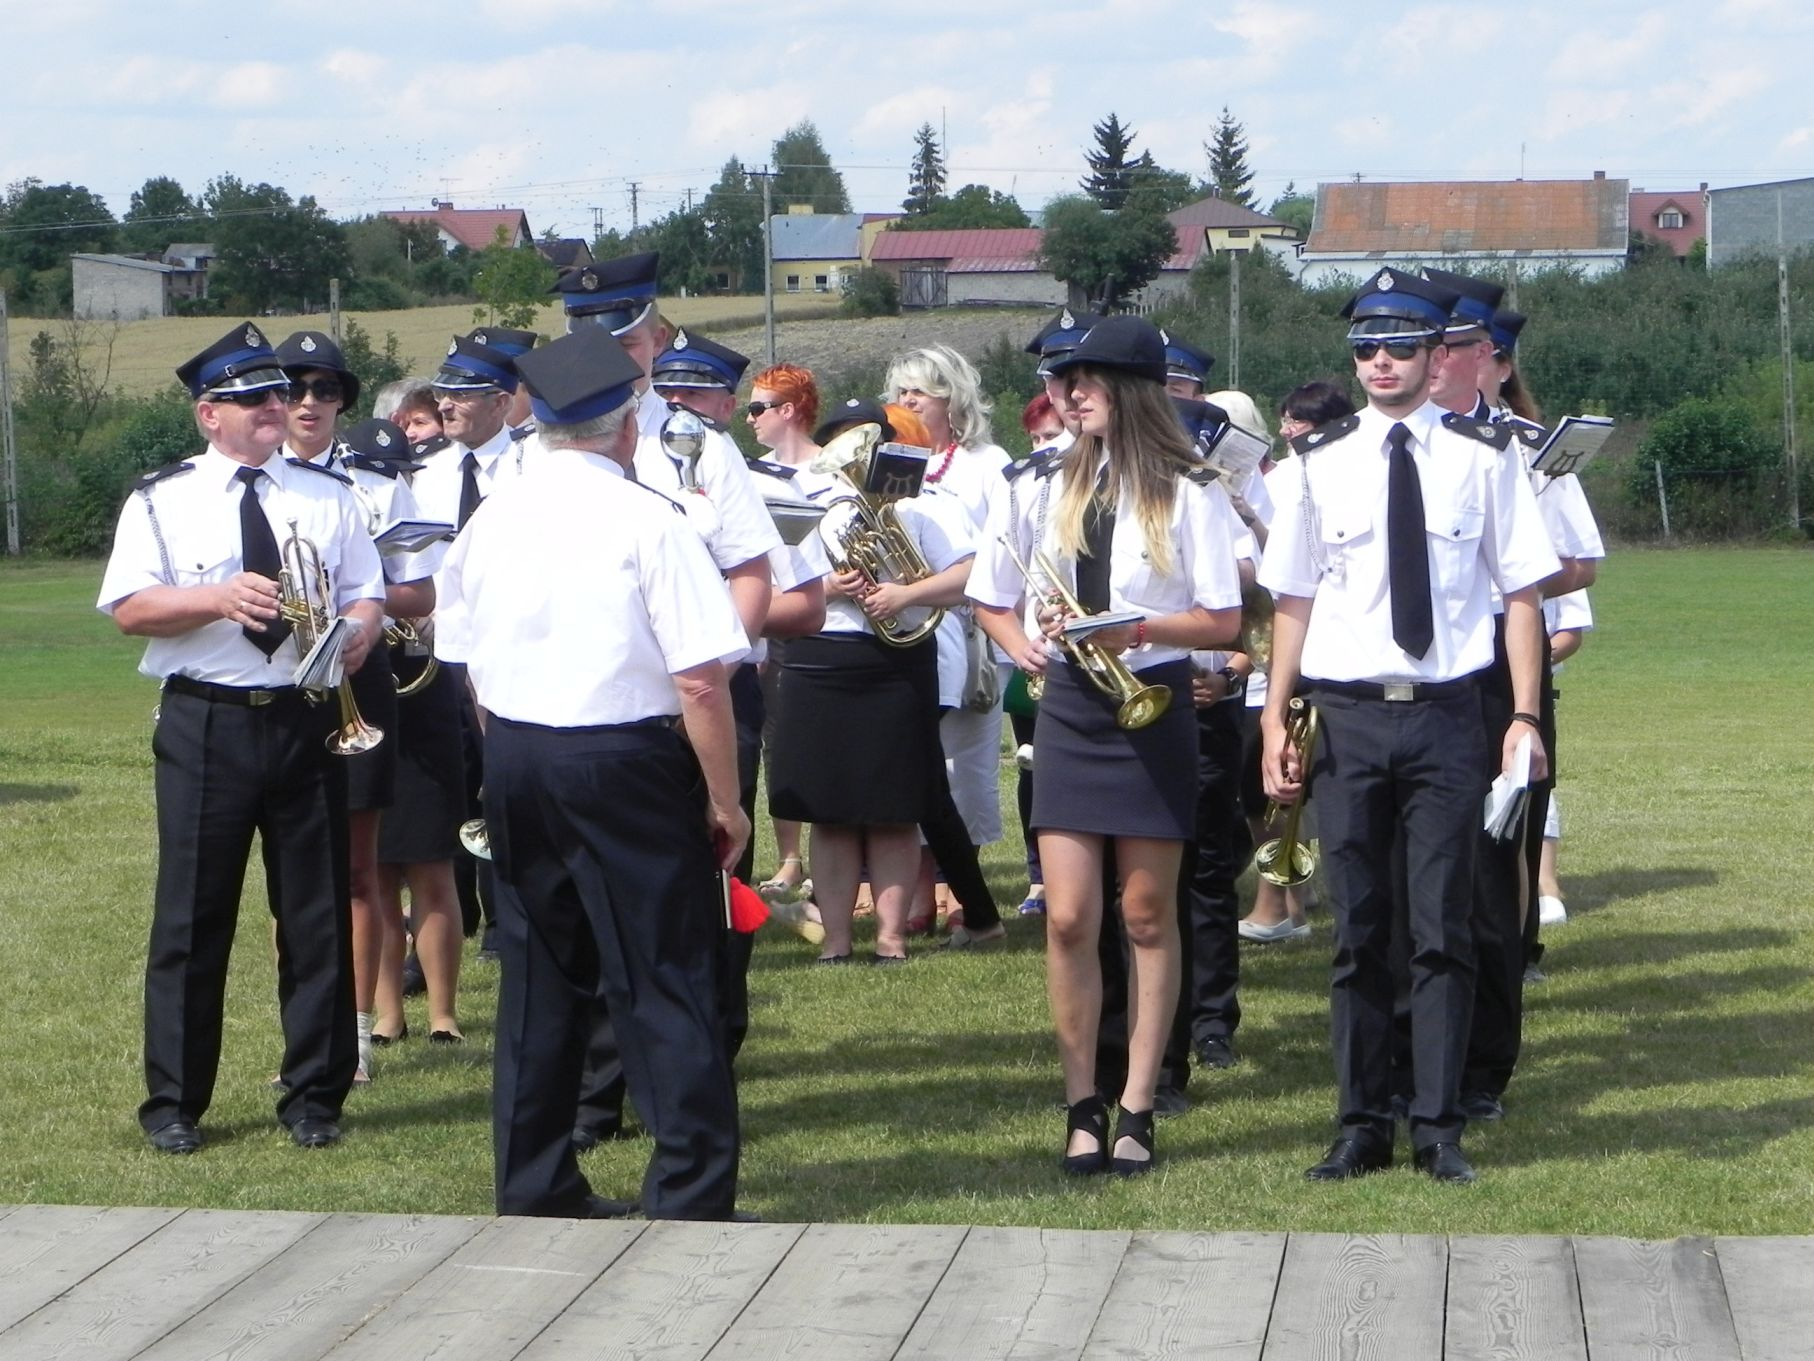 2013-08-13 Piknik w Regnowie (32)